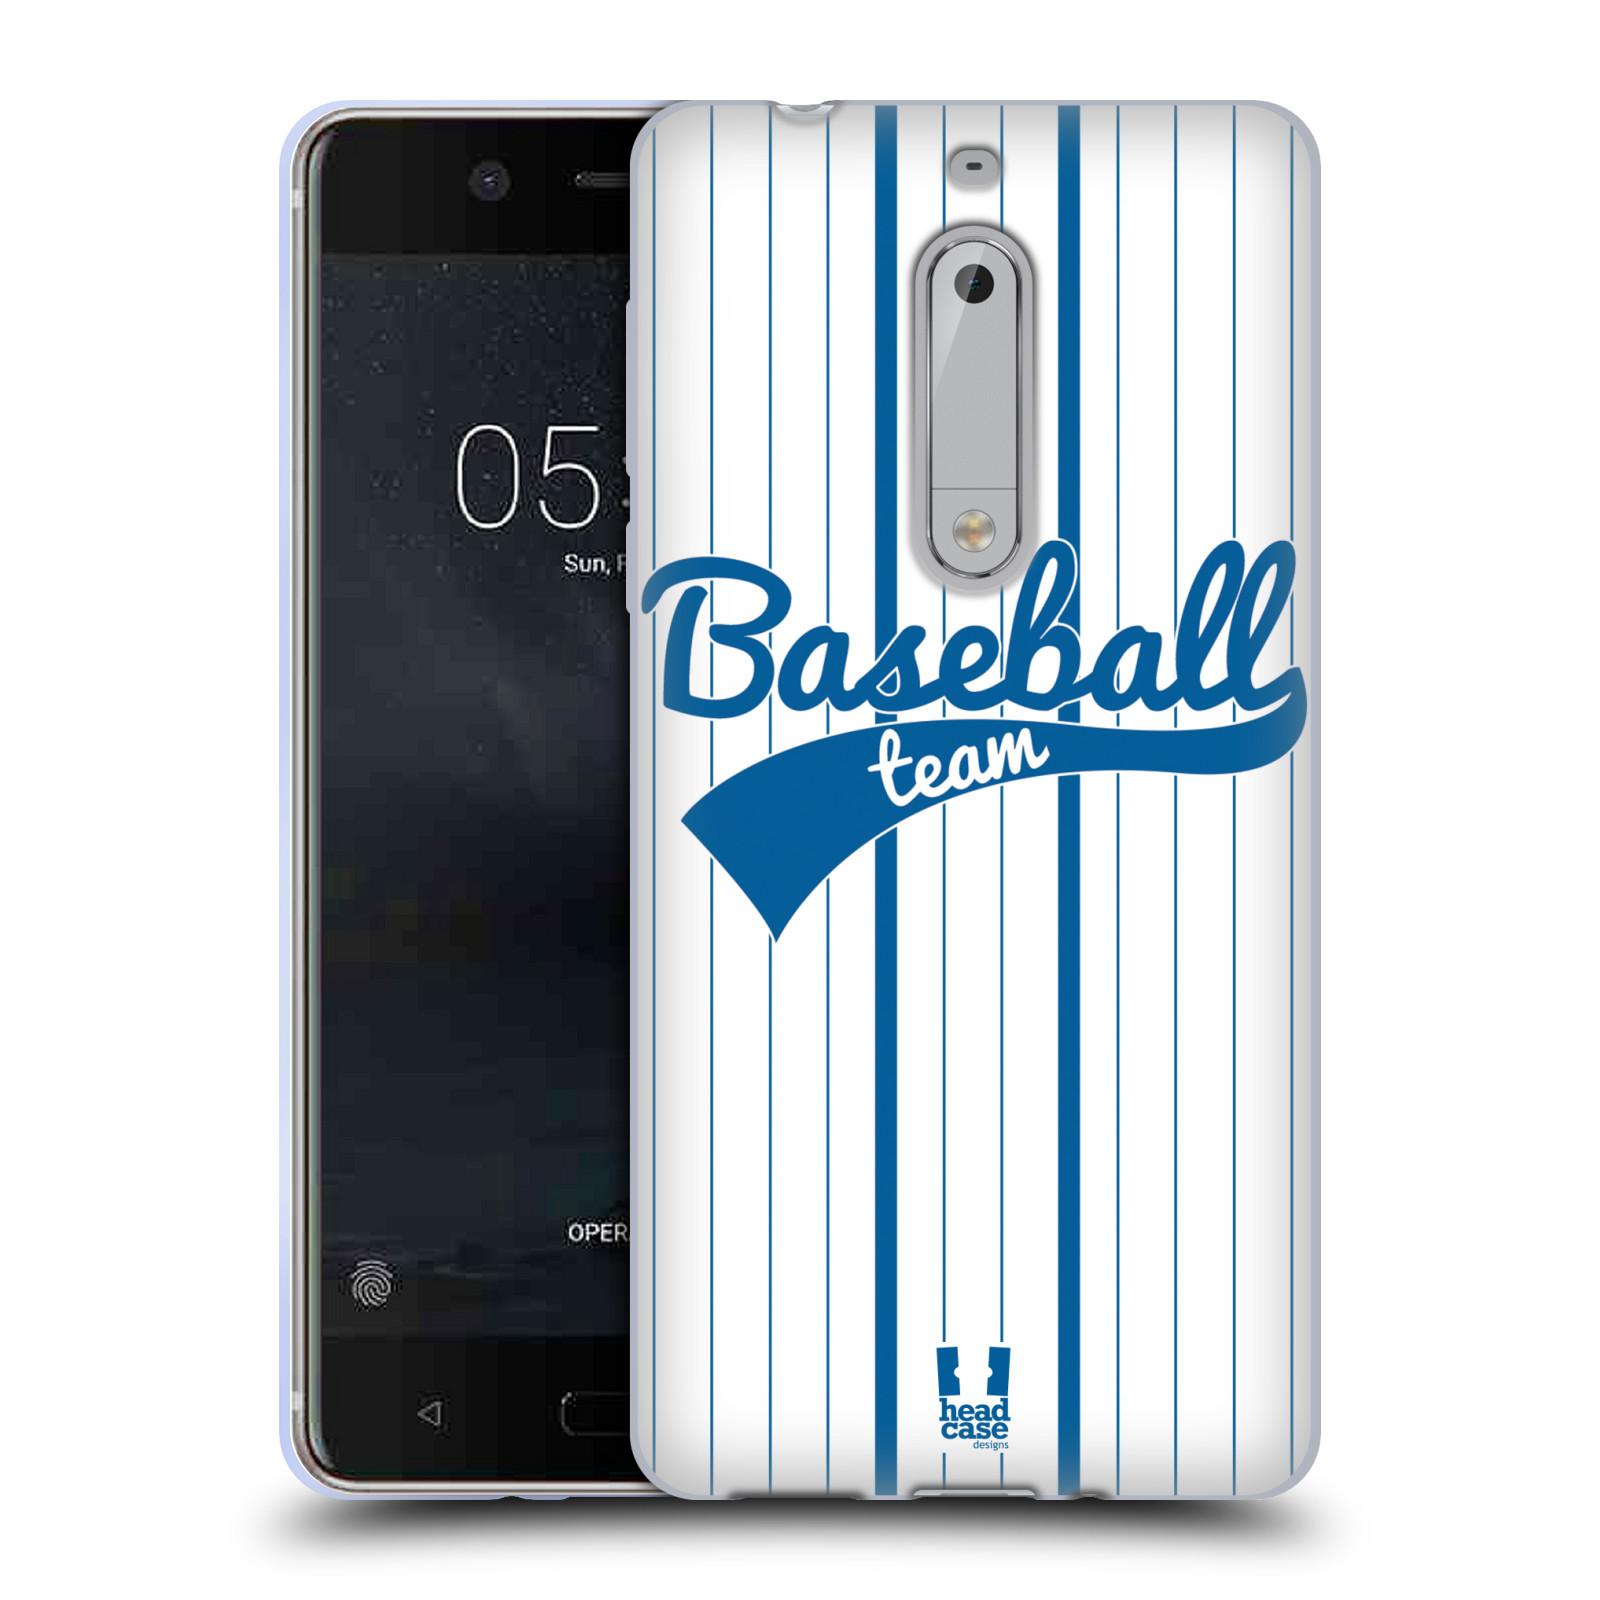 HEAD CASE silikonový obal na mobil Nokia 5 Sportovní dres Baseball